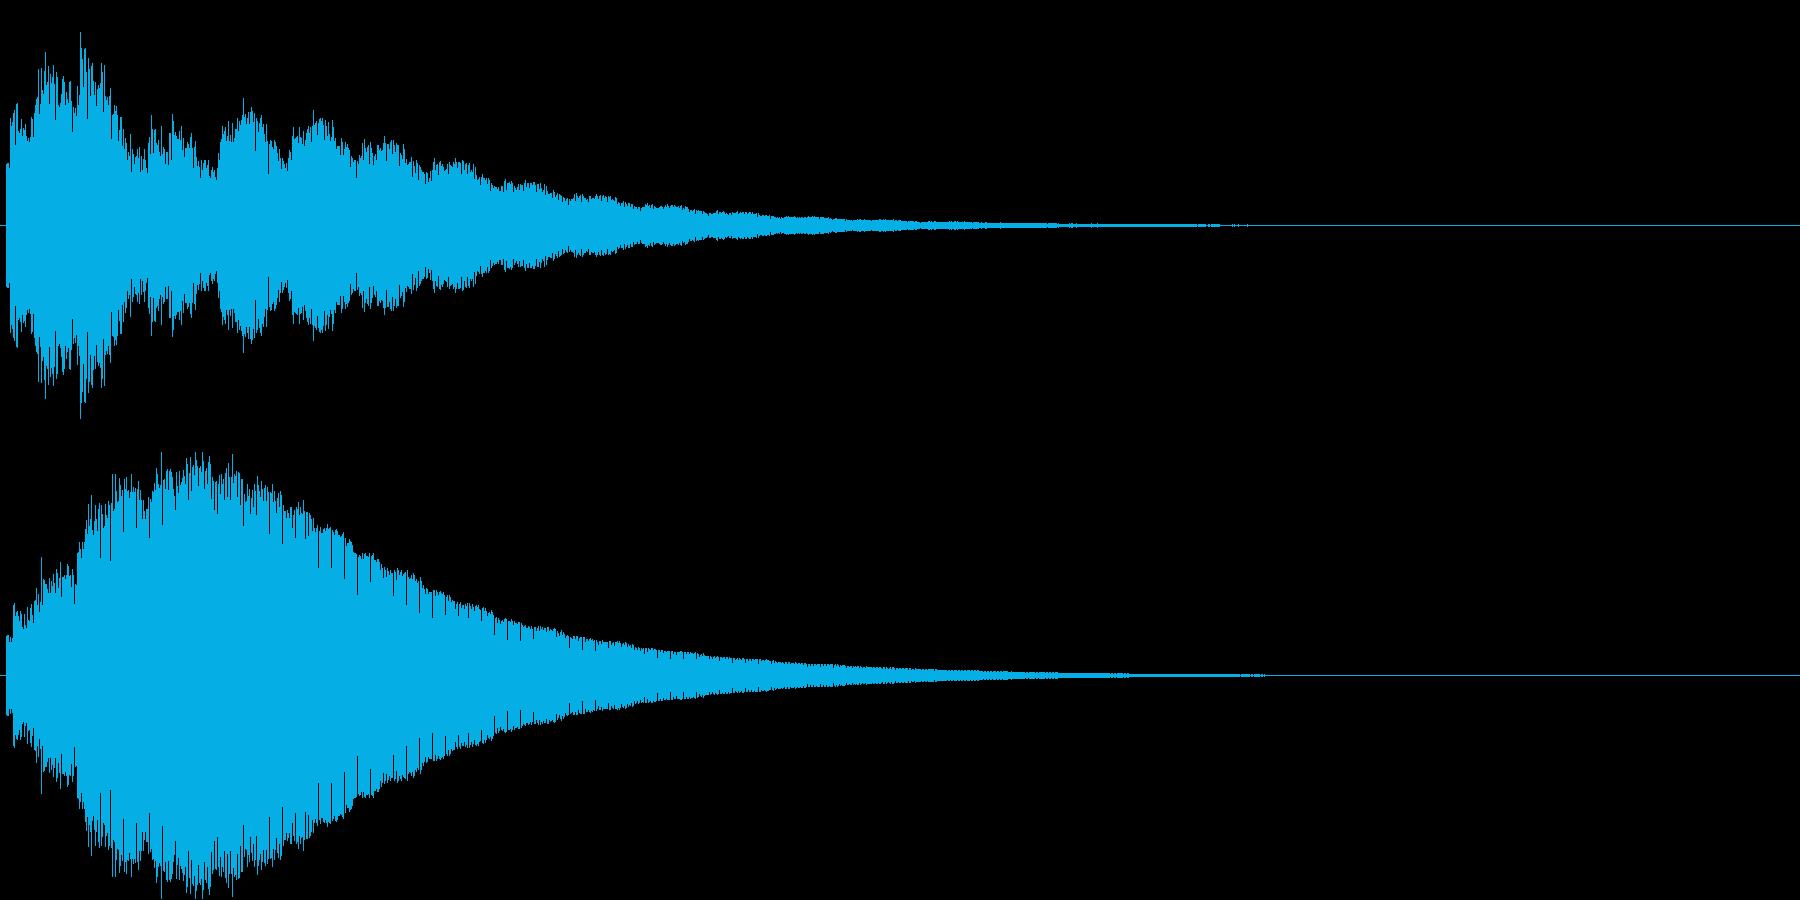 ピロロロヒーン(ボタン音・決定音)の再生済みの波形